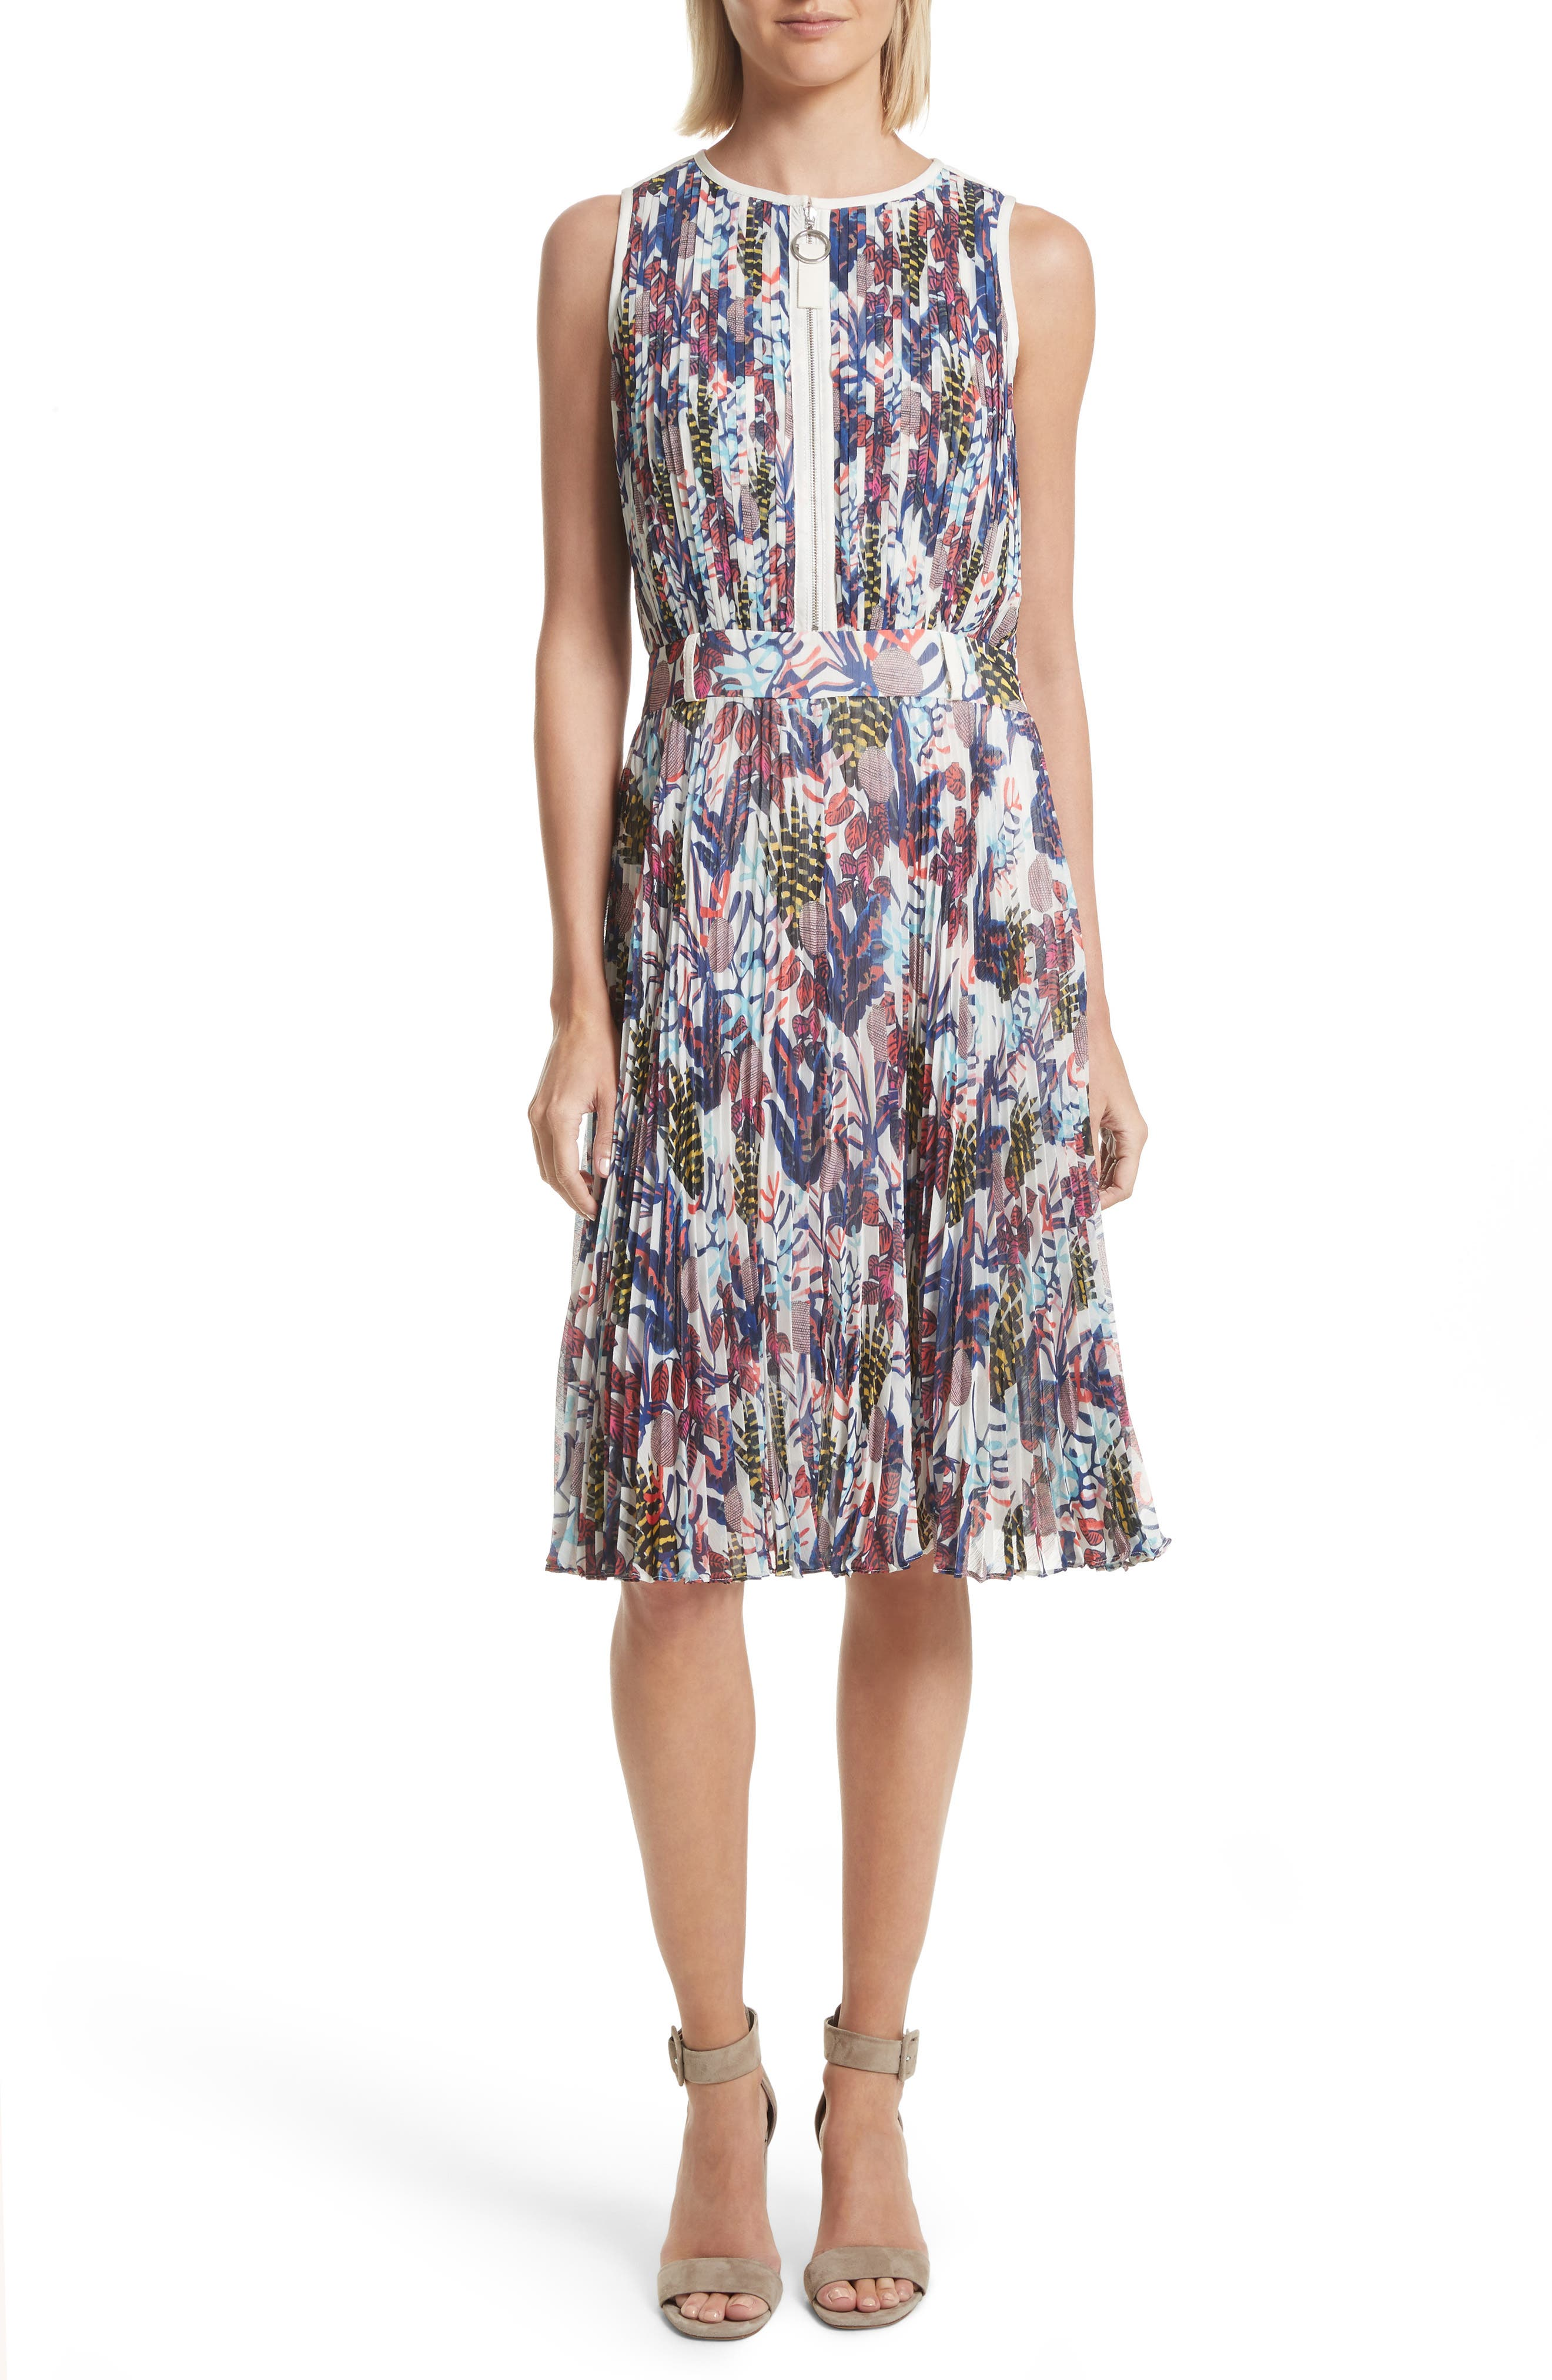 GREY Jason Wu Print Pleated Chiffon Dress